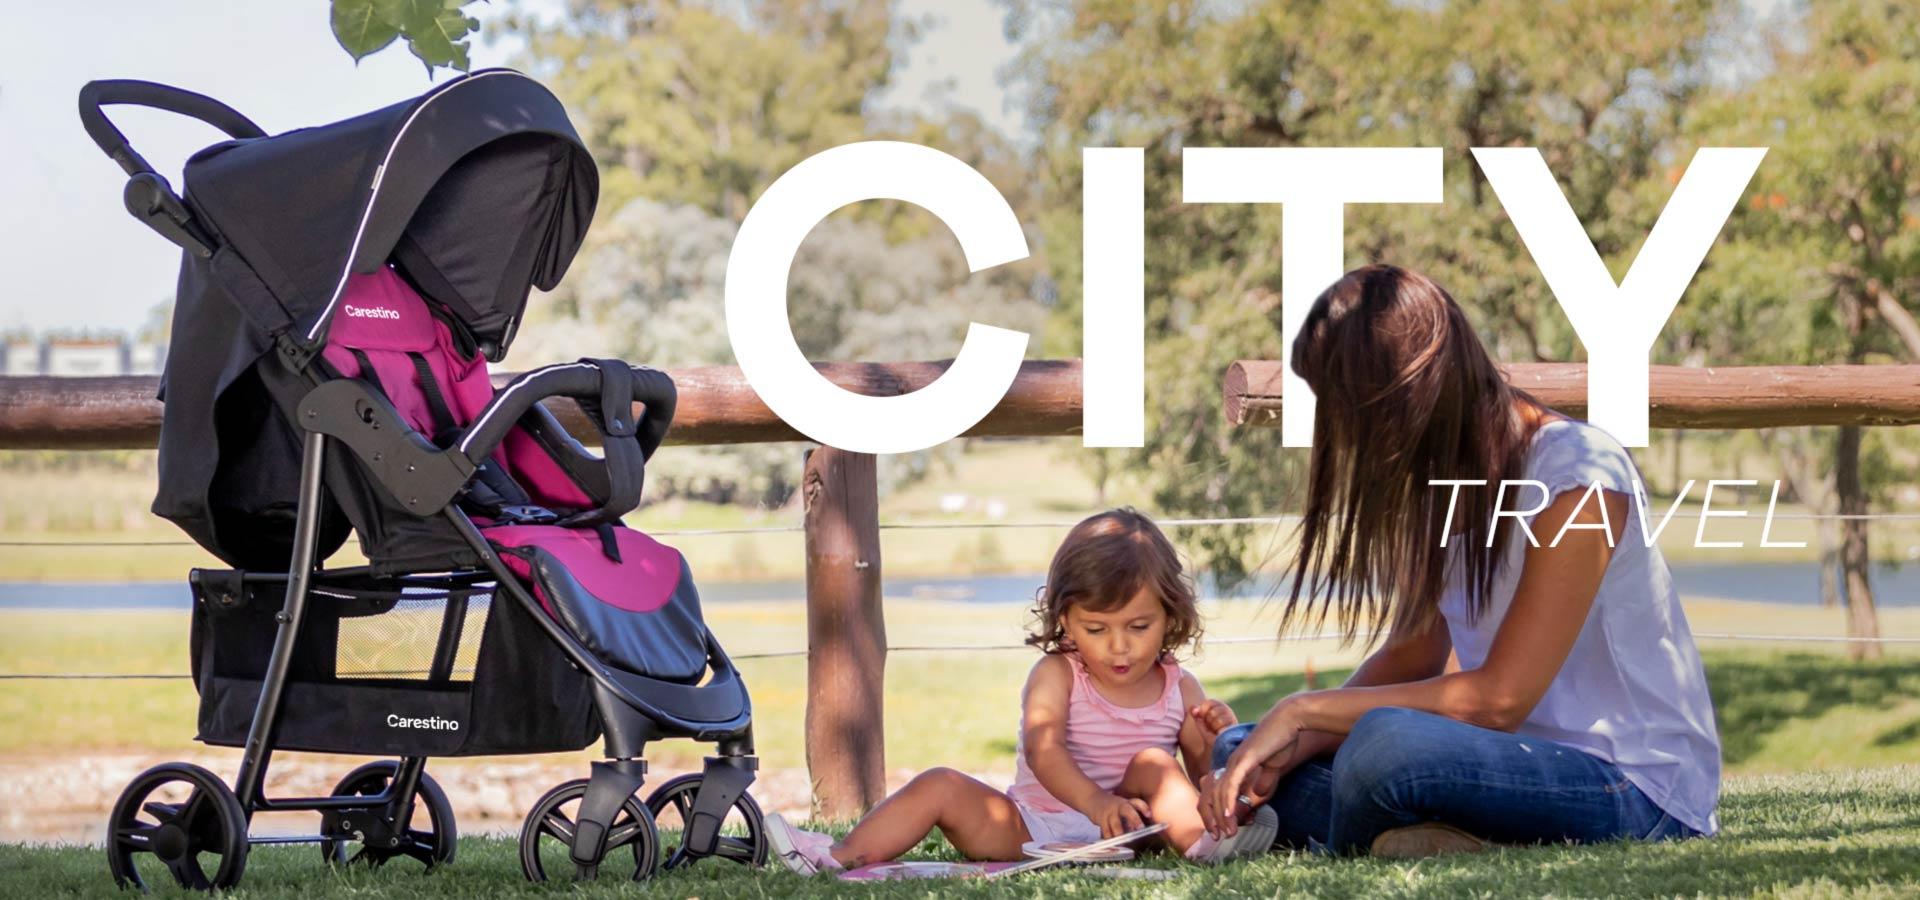 City Travel   Clásico y Funcional   Paseos más divertidos con mamá!